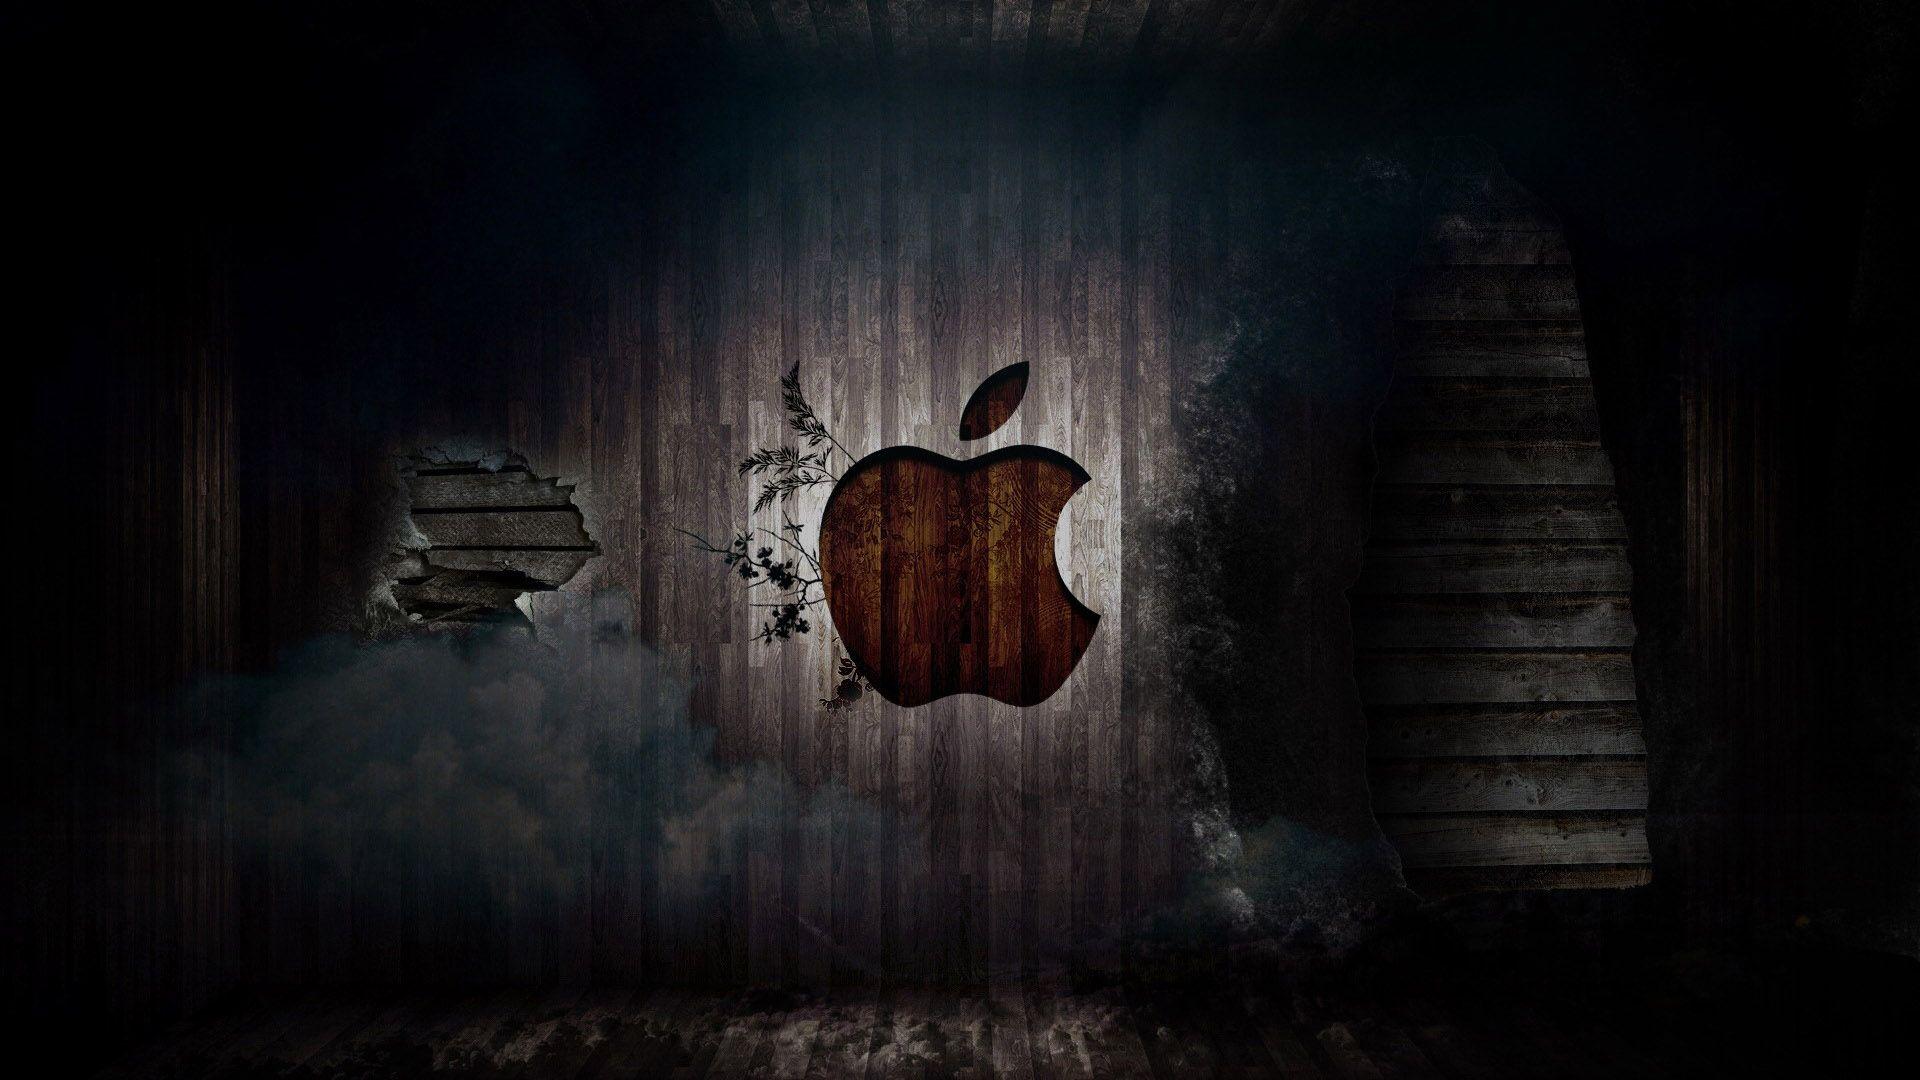 Download Wallpaper Mac Batman - 6e120314c281f668391fbd924296d142  Gallery_433354.jpg